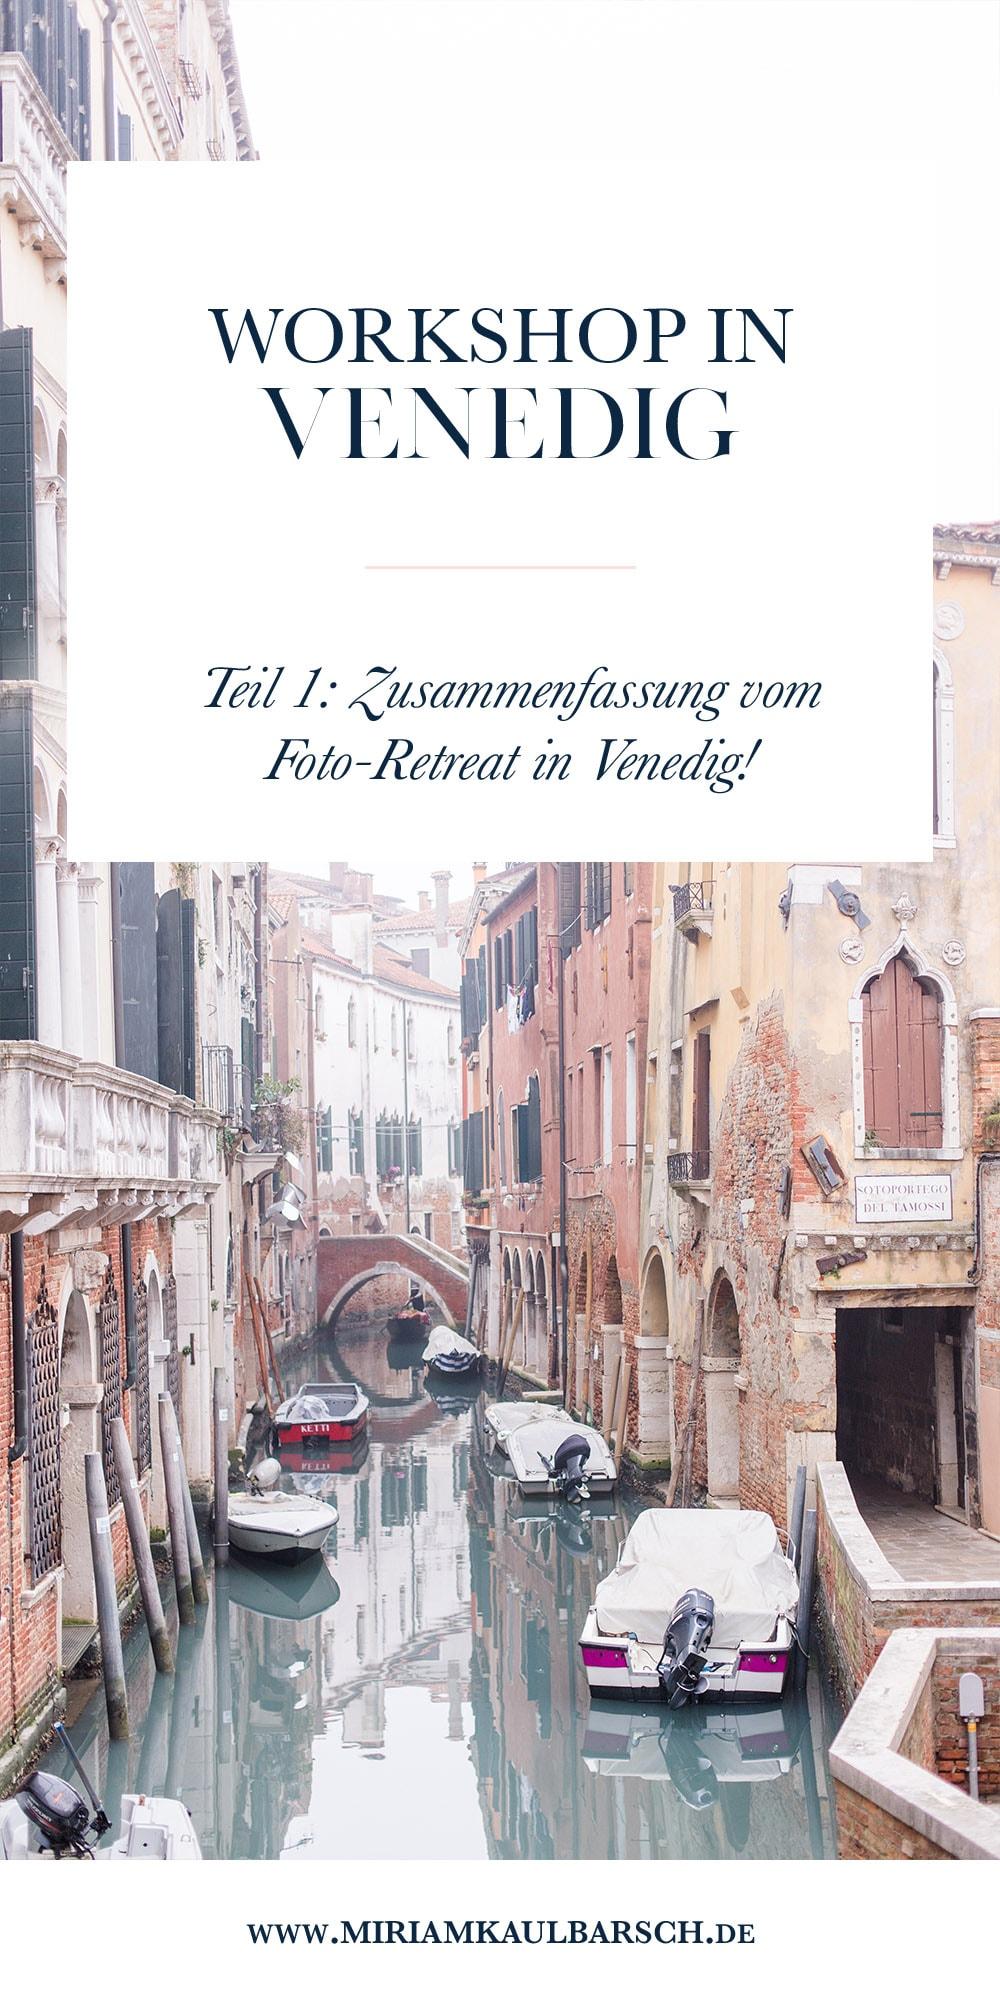 Venedig Workshop - Teil 1 Anreise und Teilnehmer